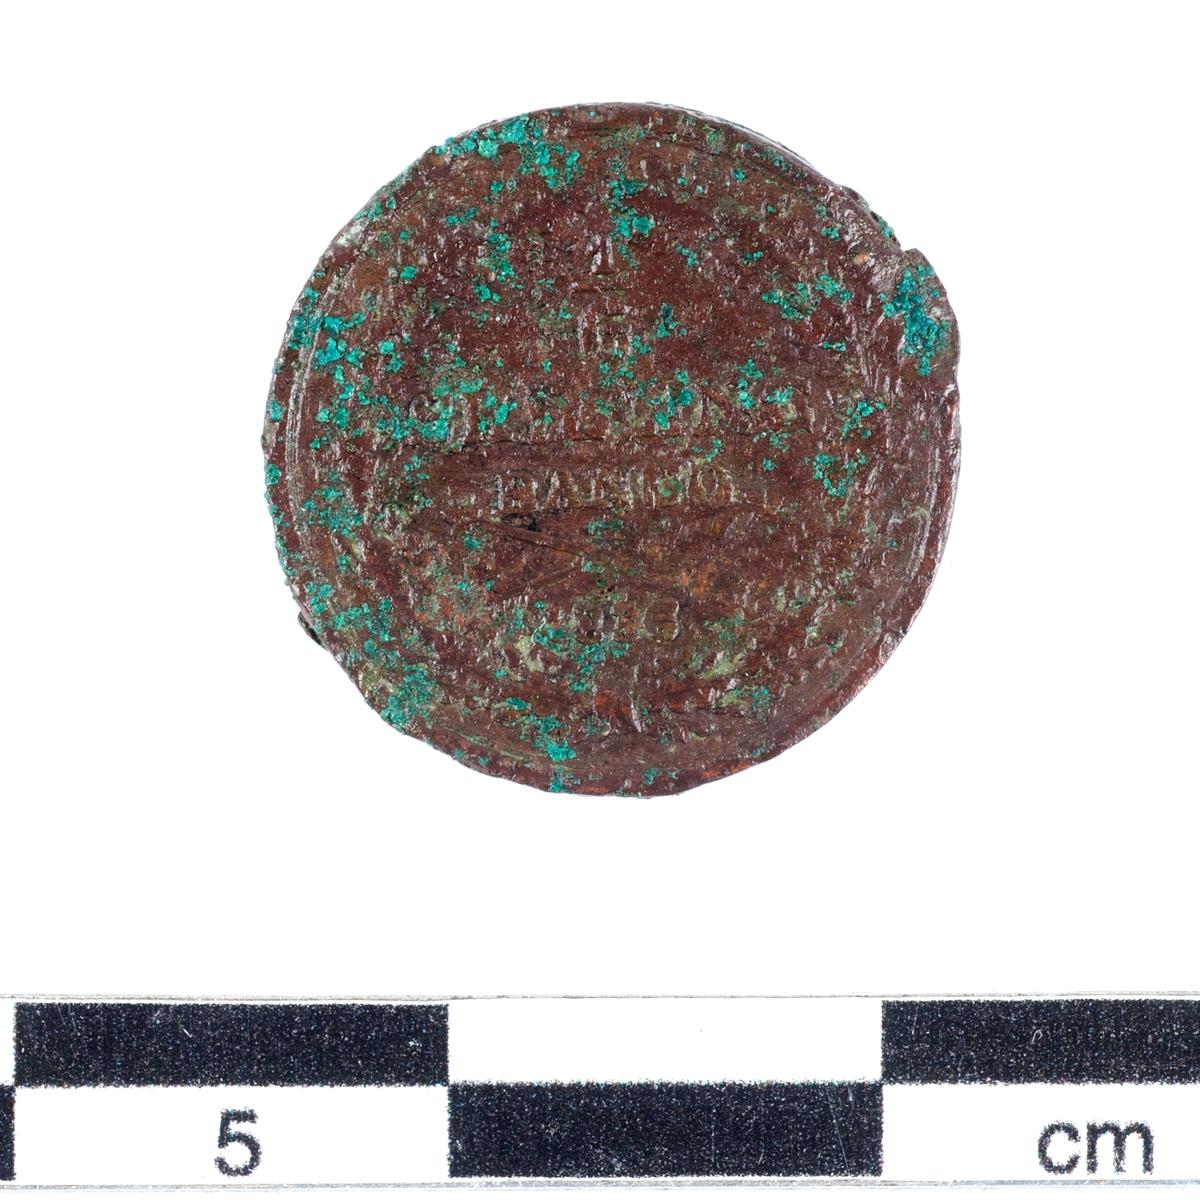 Mynt av kopparlegering. 1/6 öre. Präglat 1836 under Karl XIV Johans regeringstid (1818-1844).